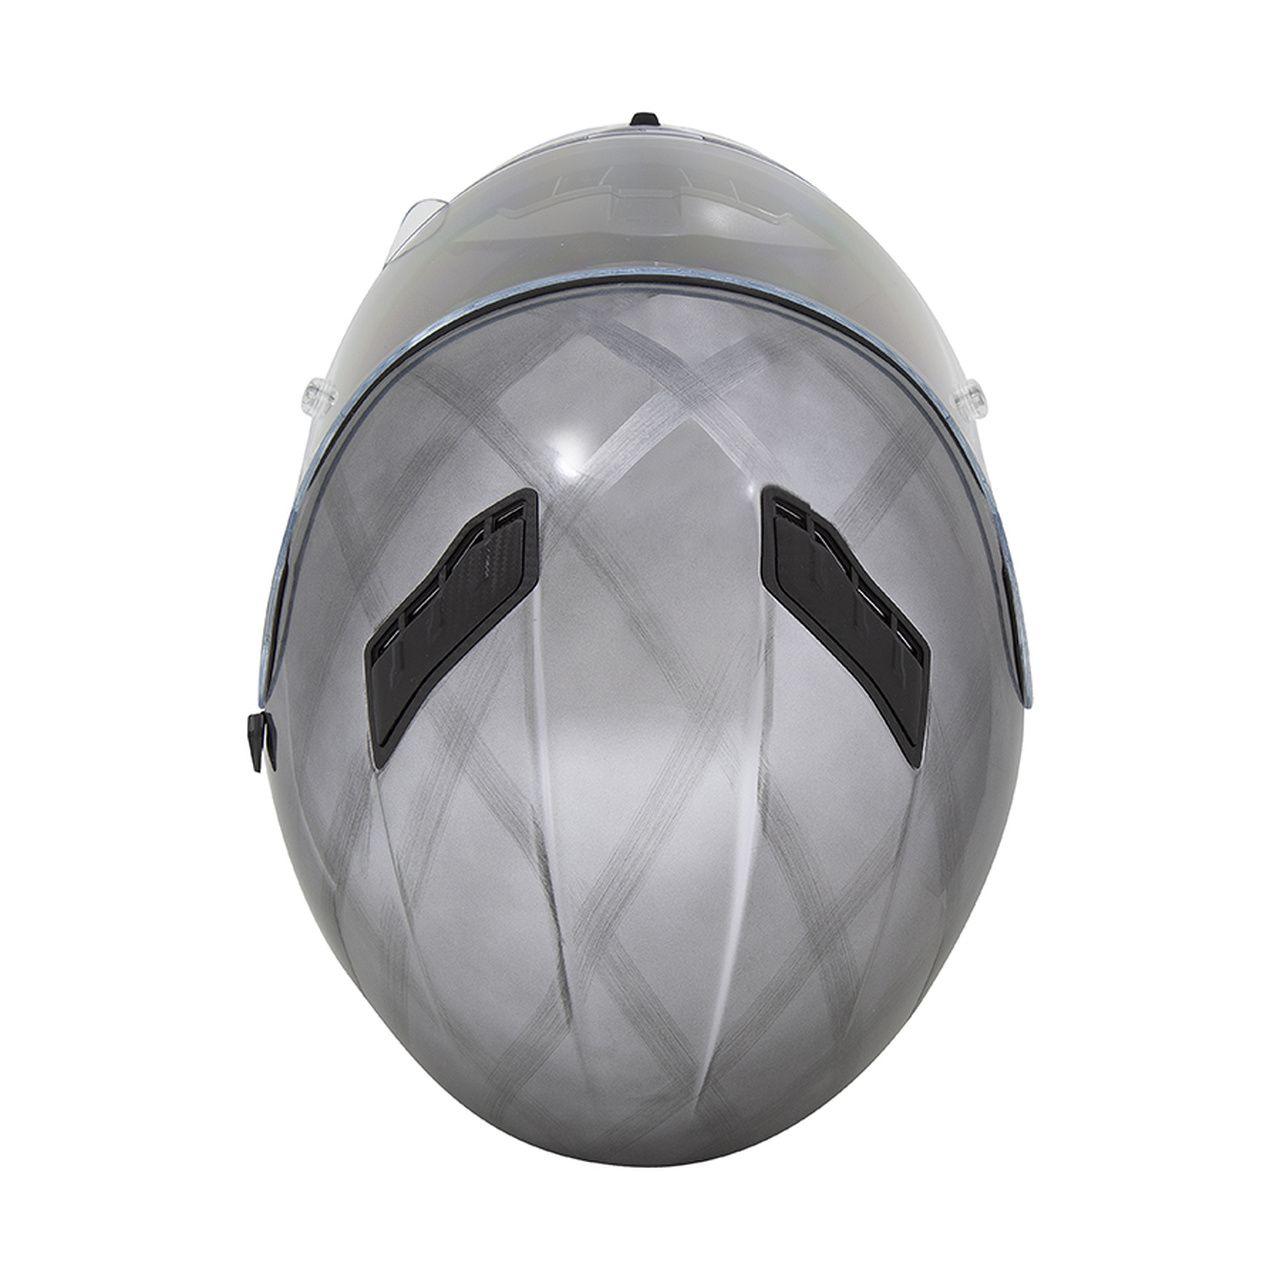 Capacete Shiro Integral Strada com Óculos Interno SH-600 Scratched Chrome Cromado Escovado